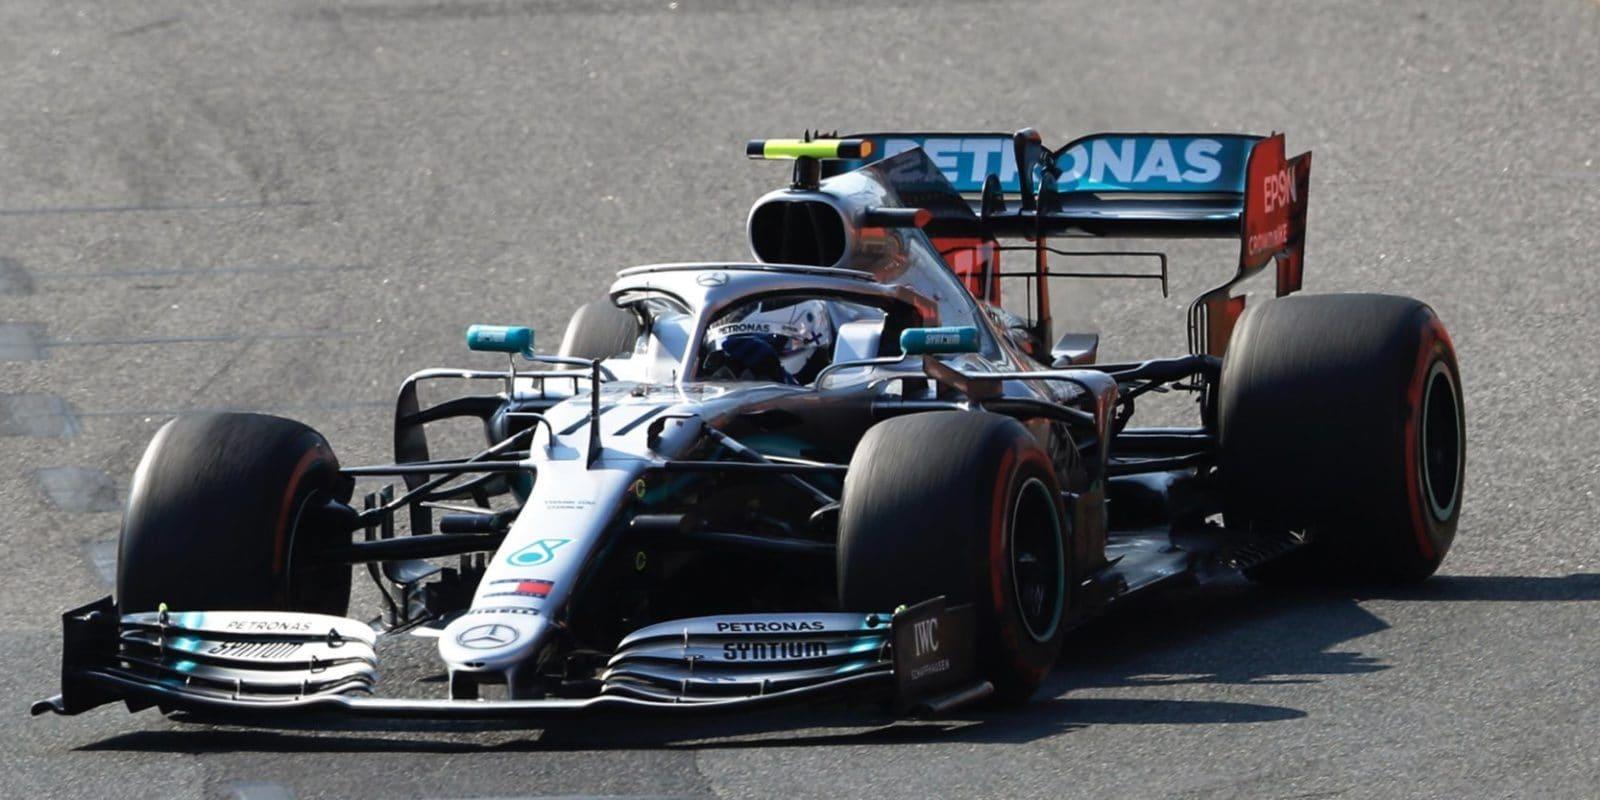 V úvodním závodě sezóny si dojel pro vítězství Bottas